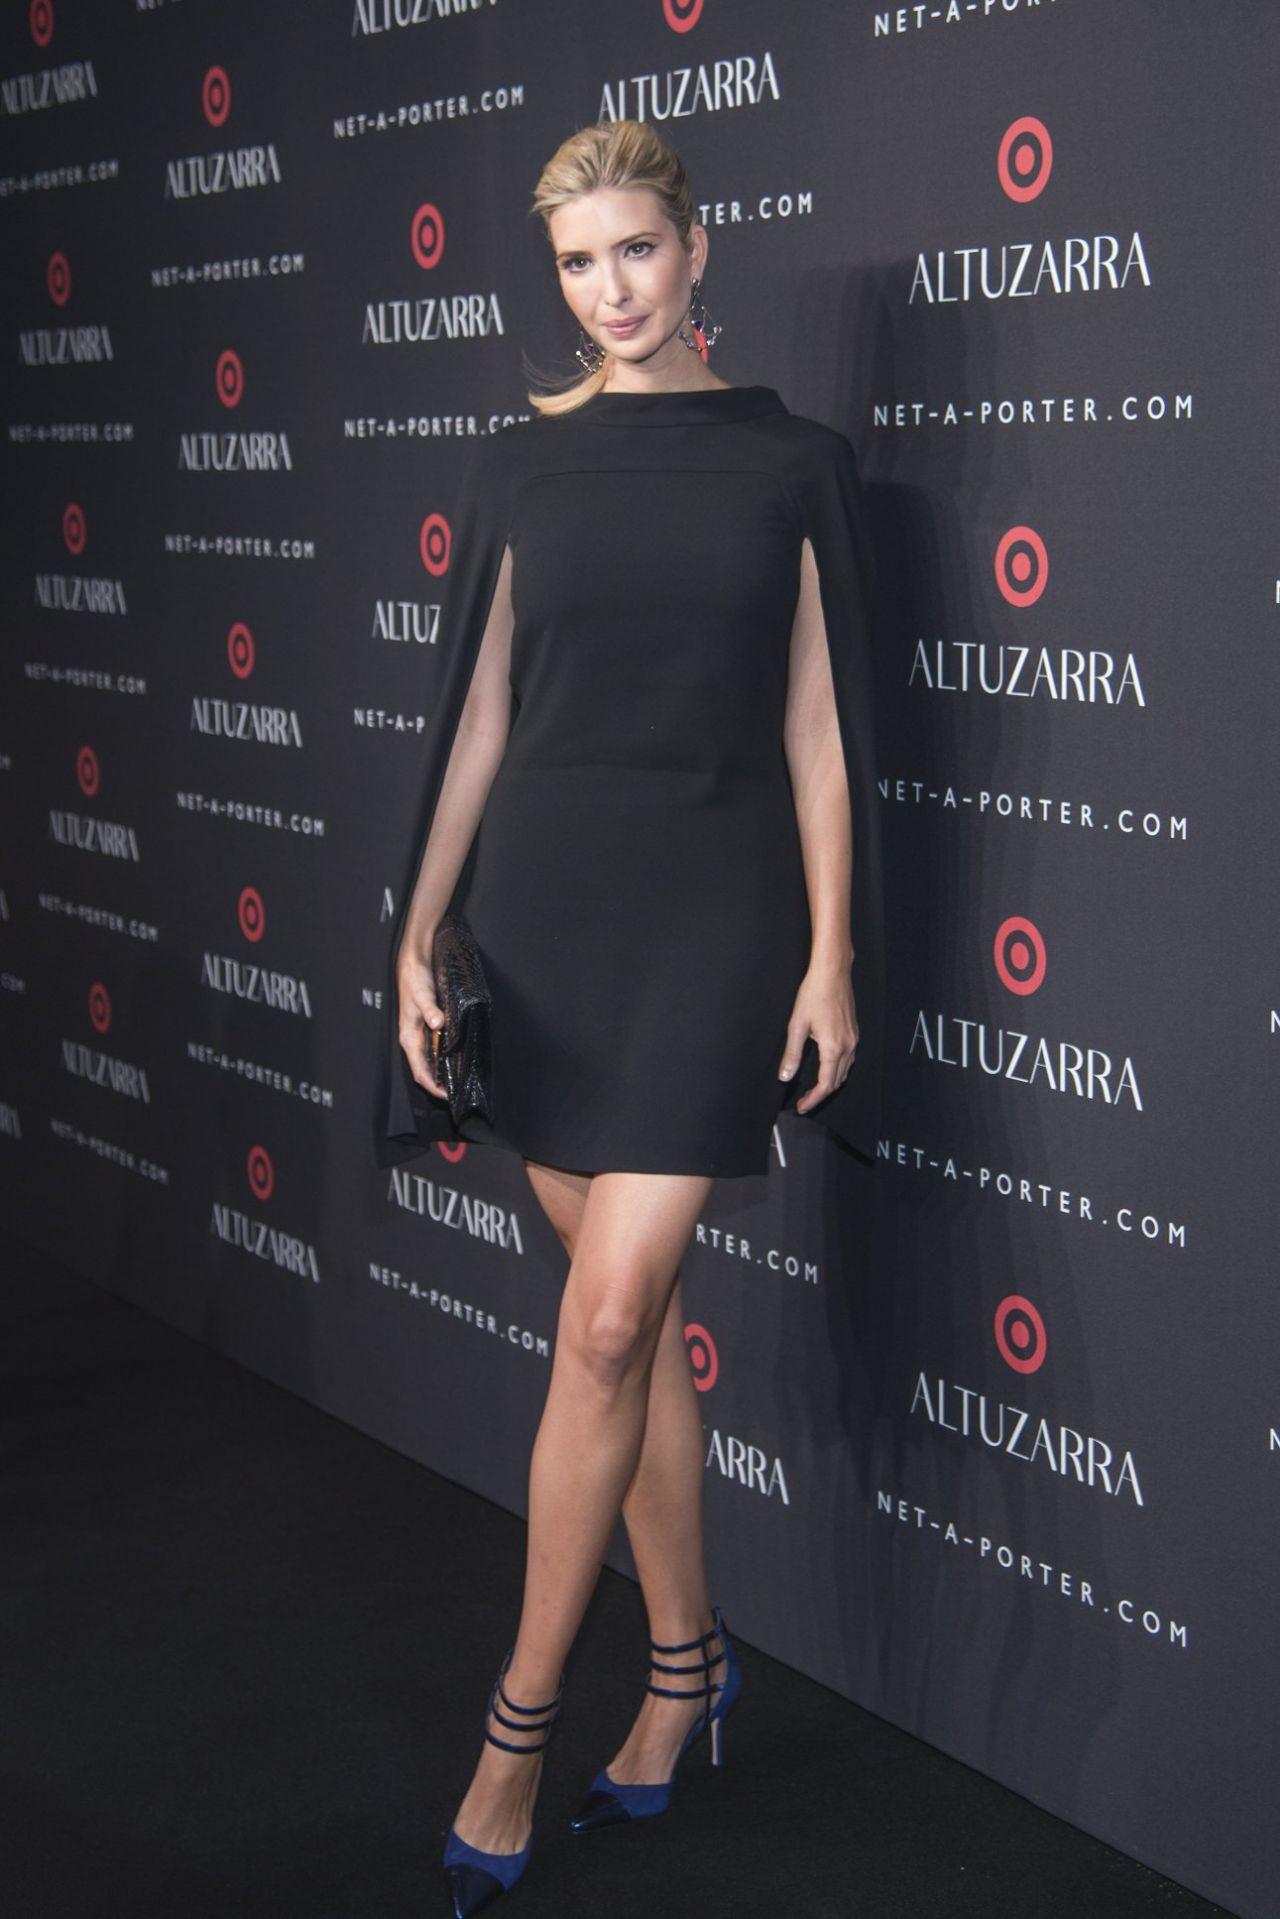 Ivanka Trump Altuzarra For Target Launch Event In New